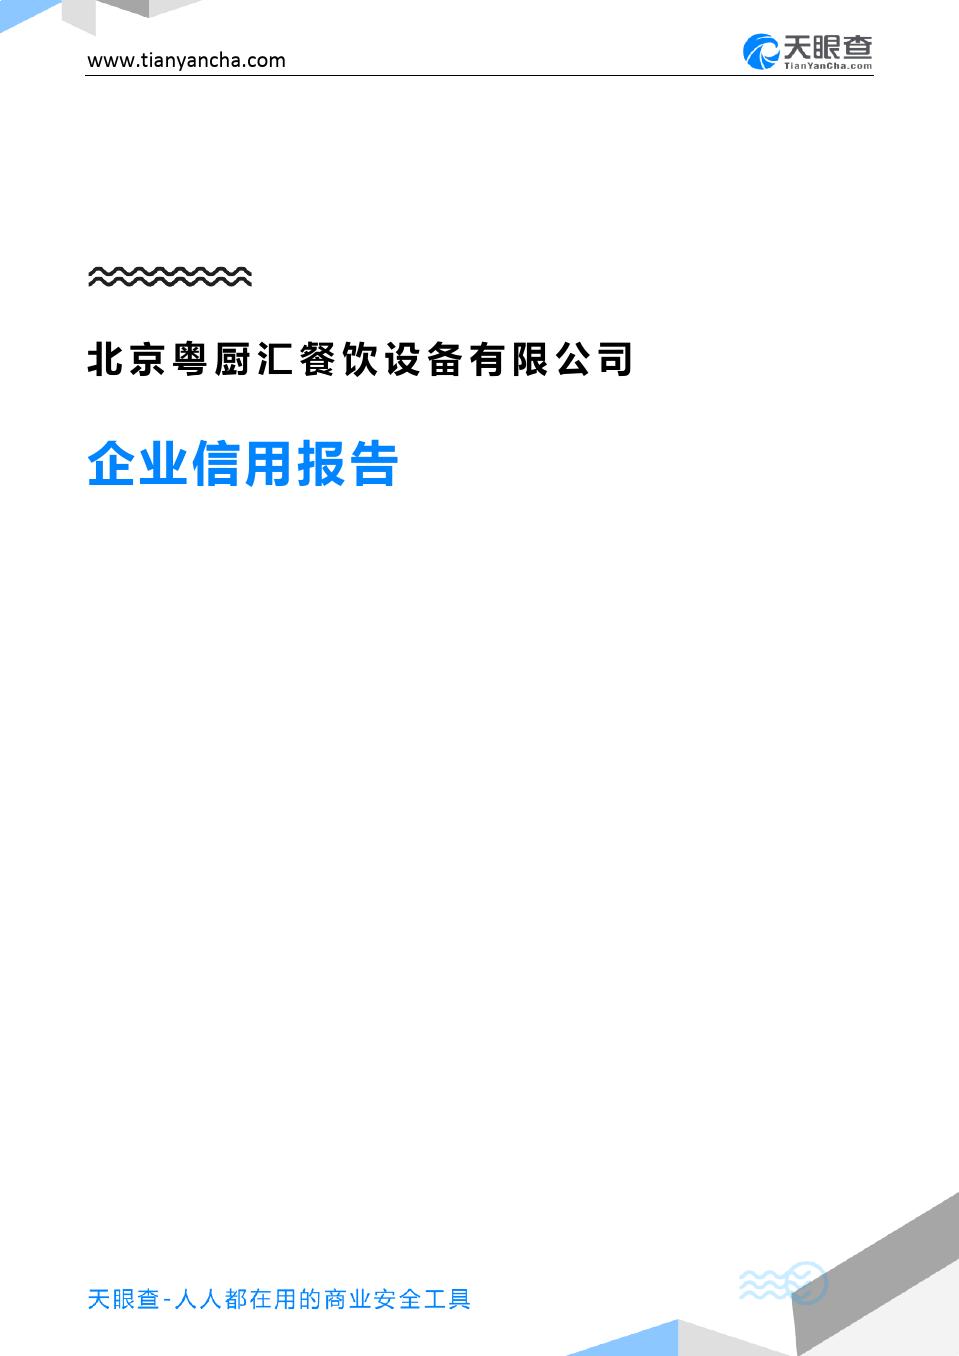 北京粤厨汇餐饮设备有限公司(企业信用报告)- 天眼查